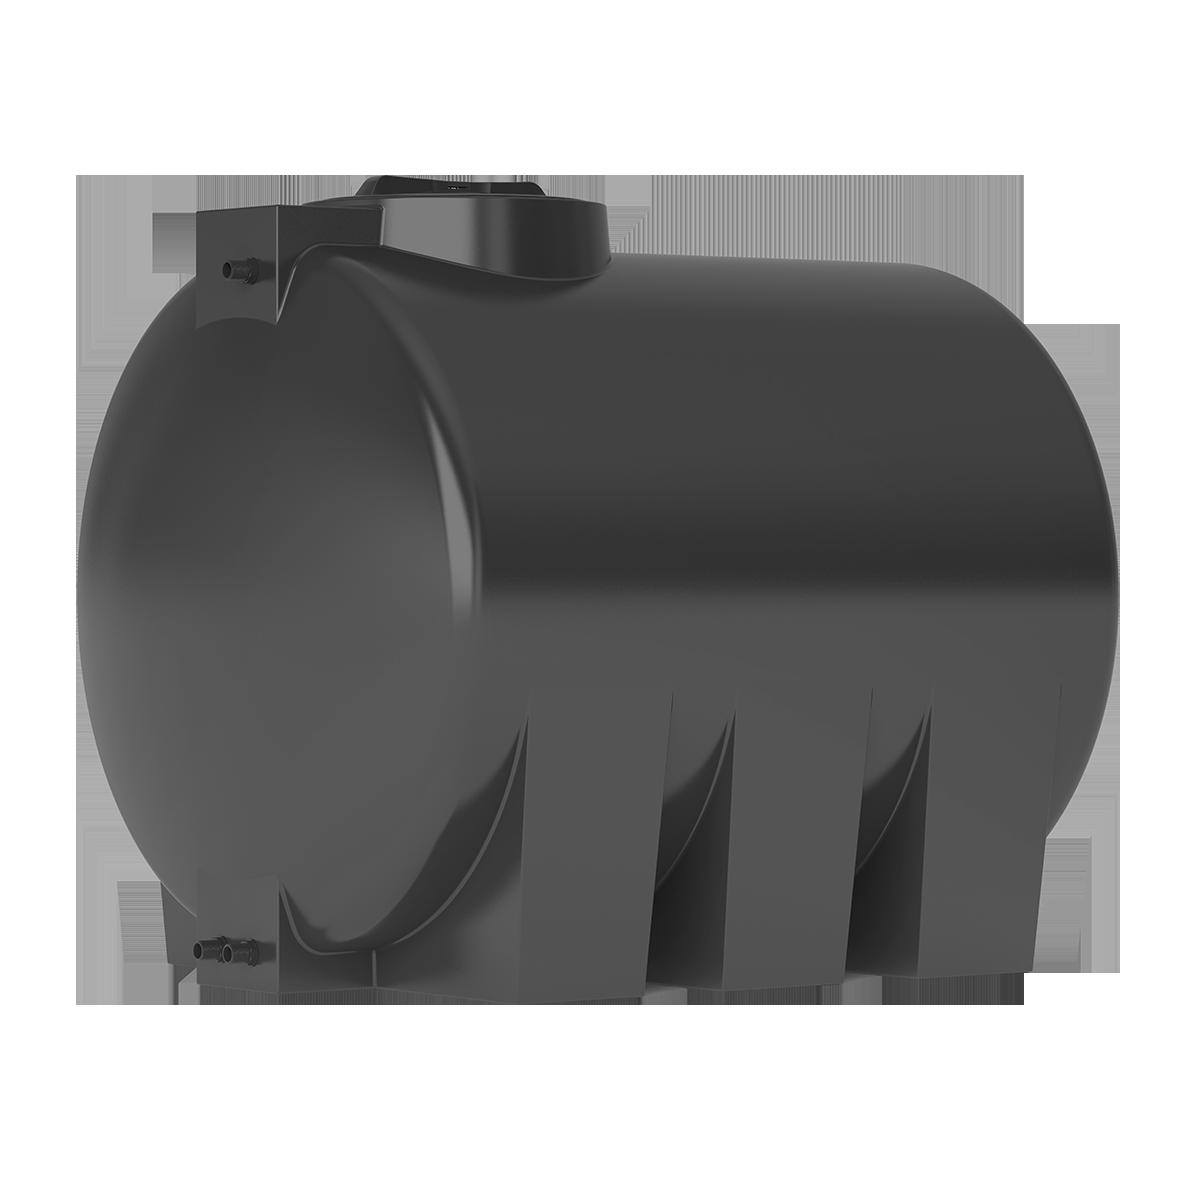 Бак для воды горизонтальный цилиндрический черный АТH 1000 с поплавком - фото